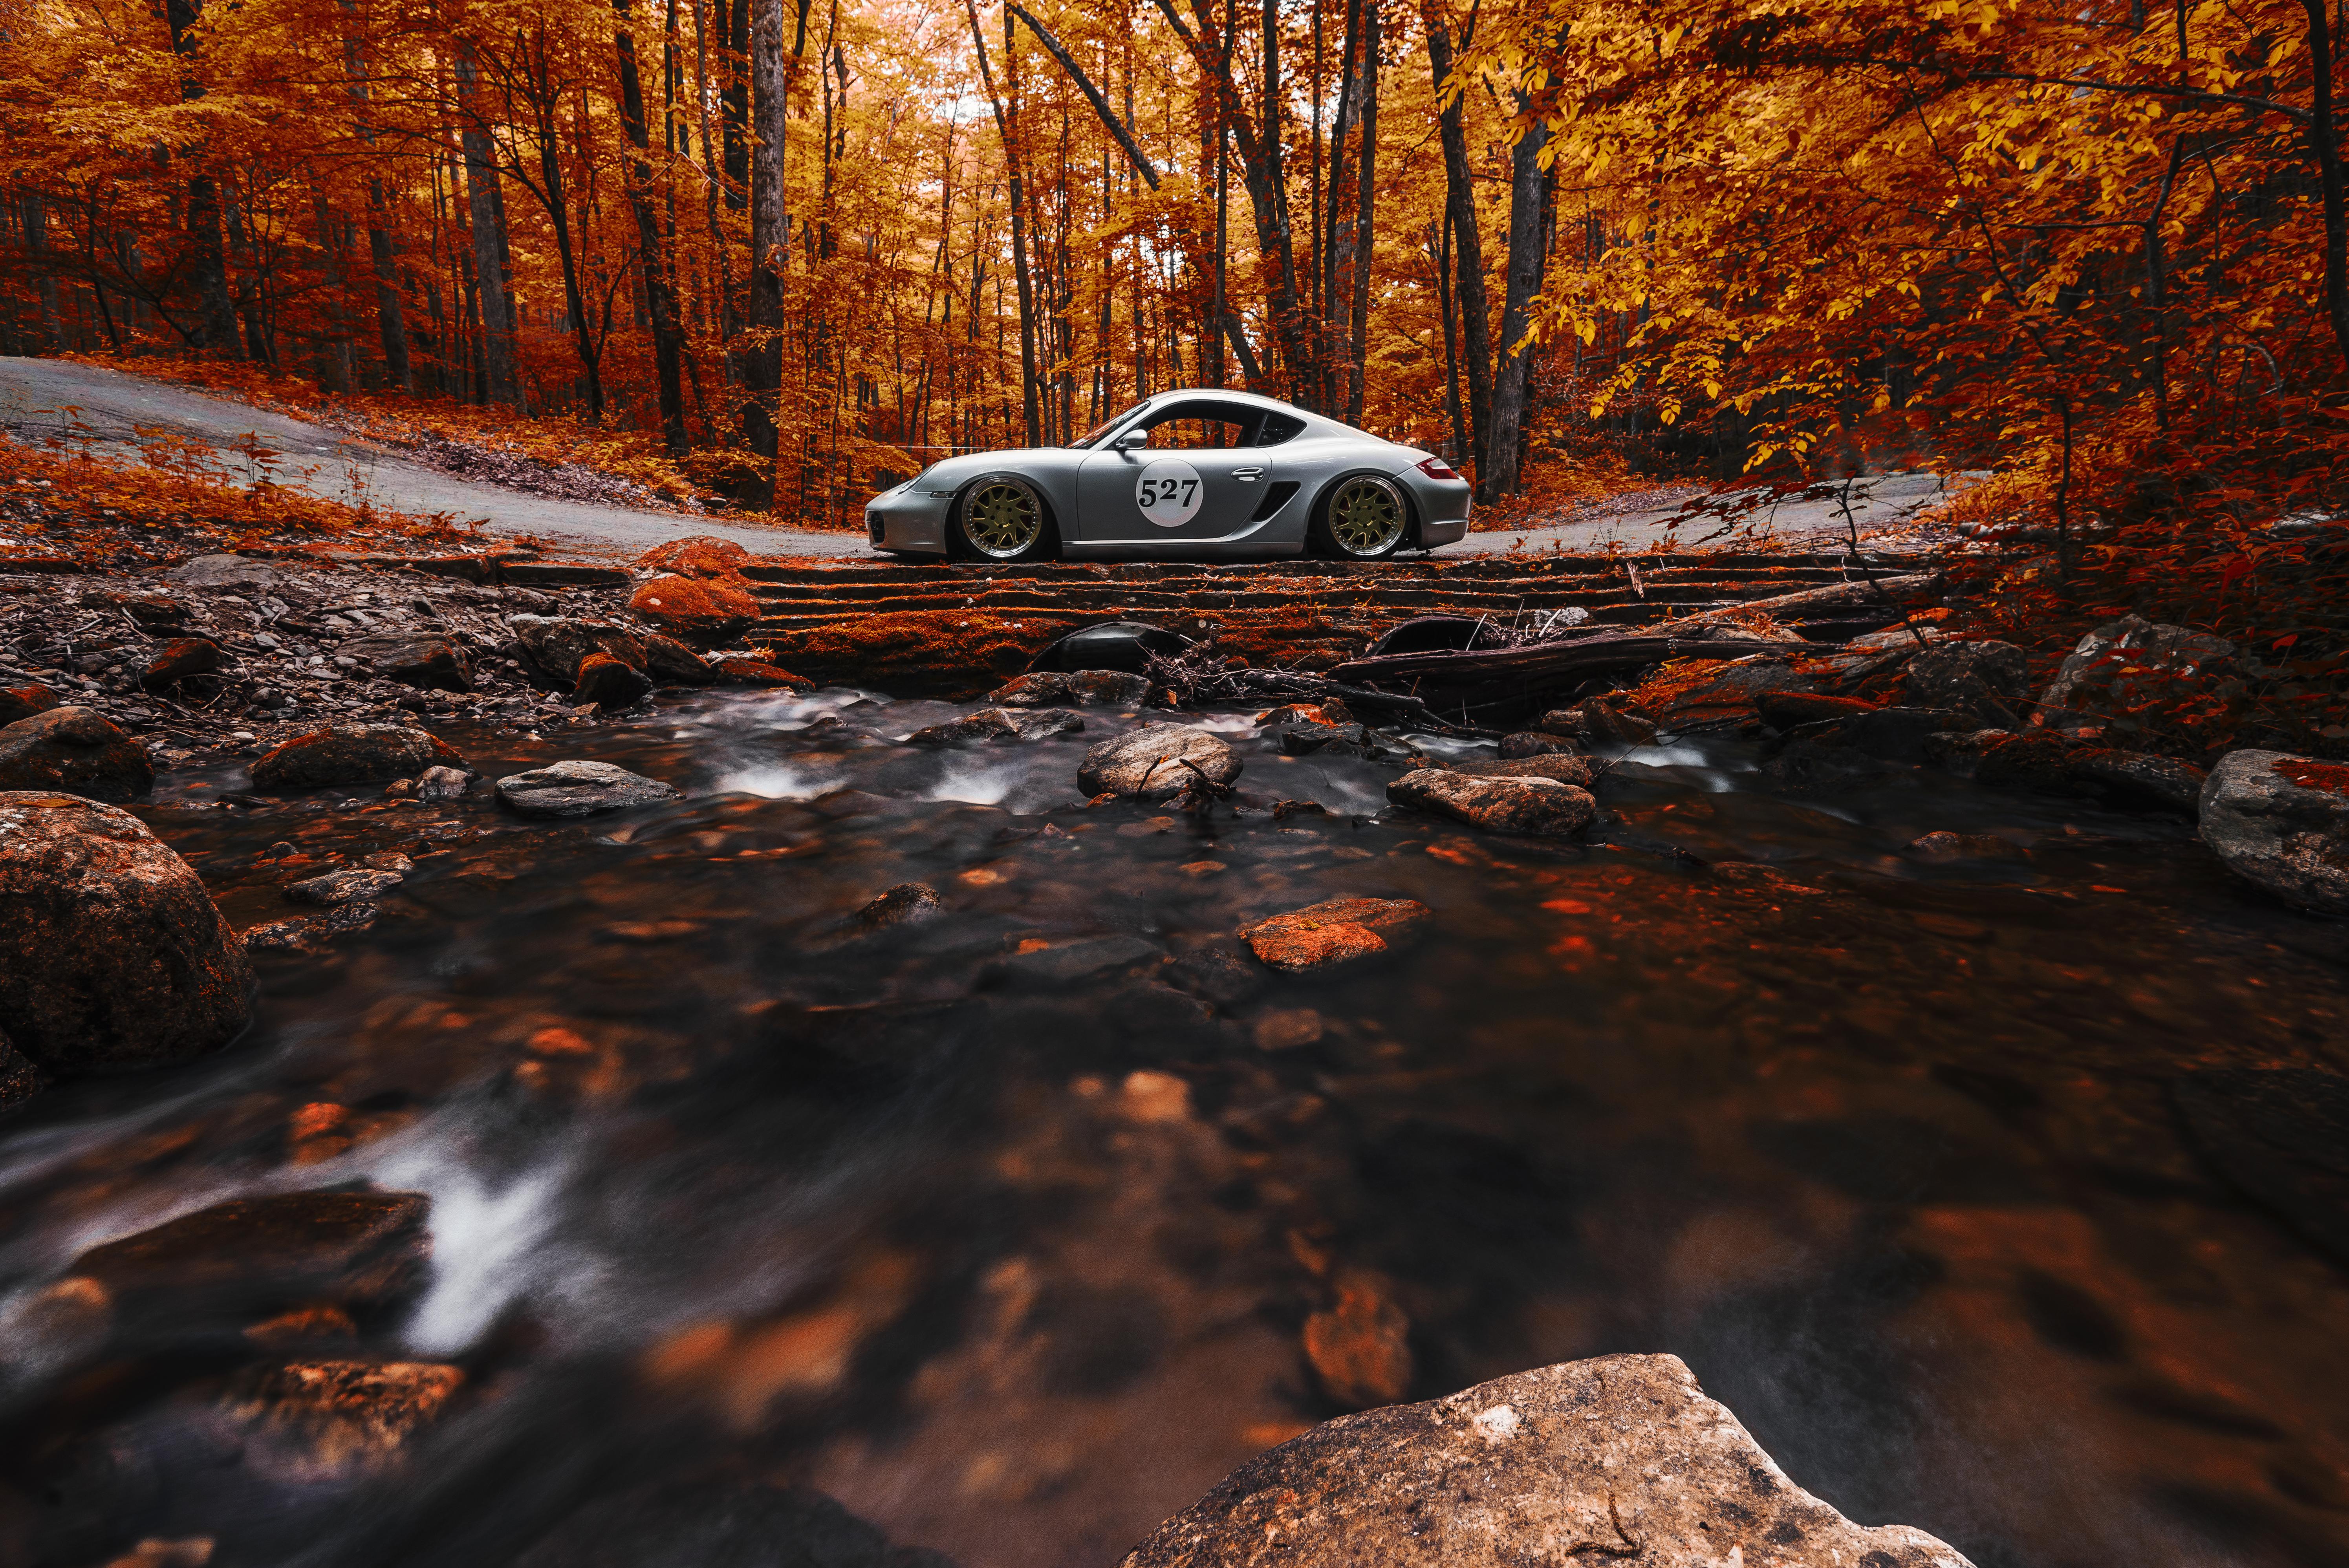 автомобиль осень лес дорога  № 3771476 загрузить